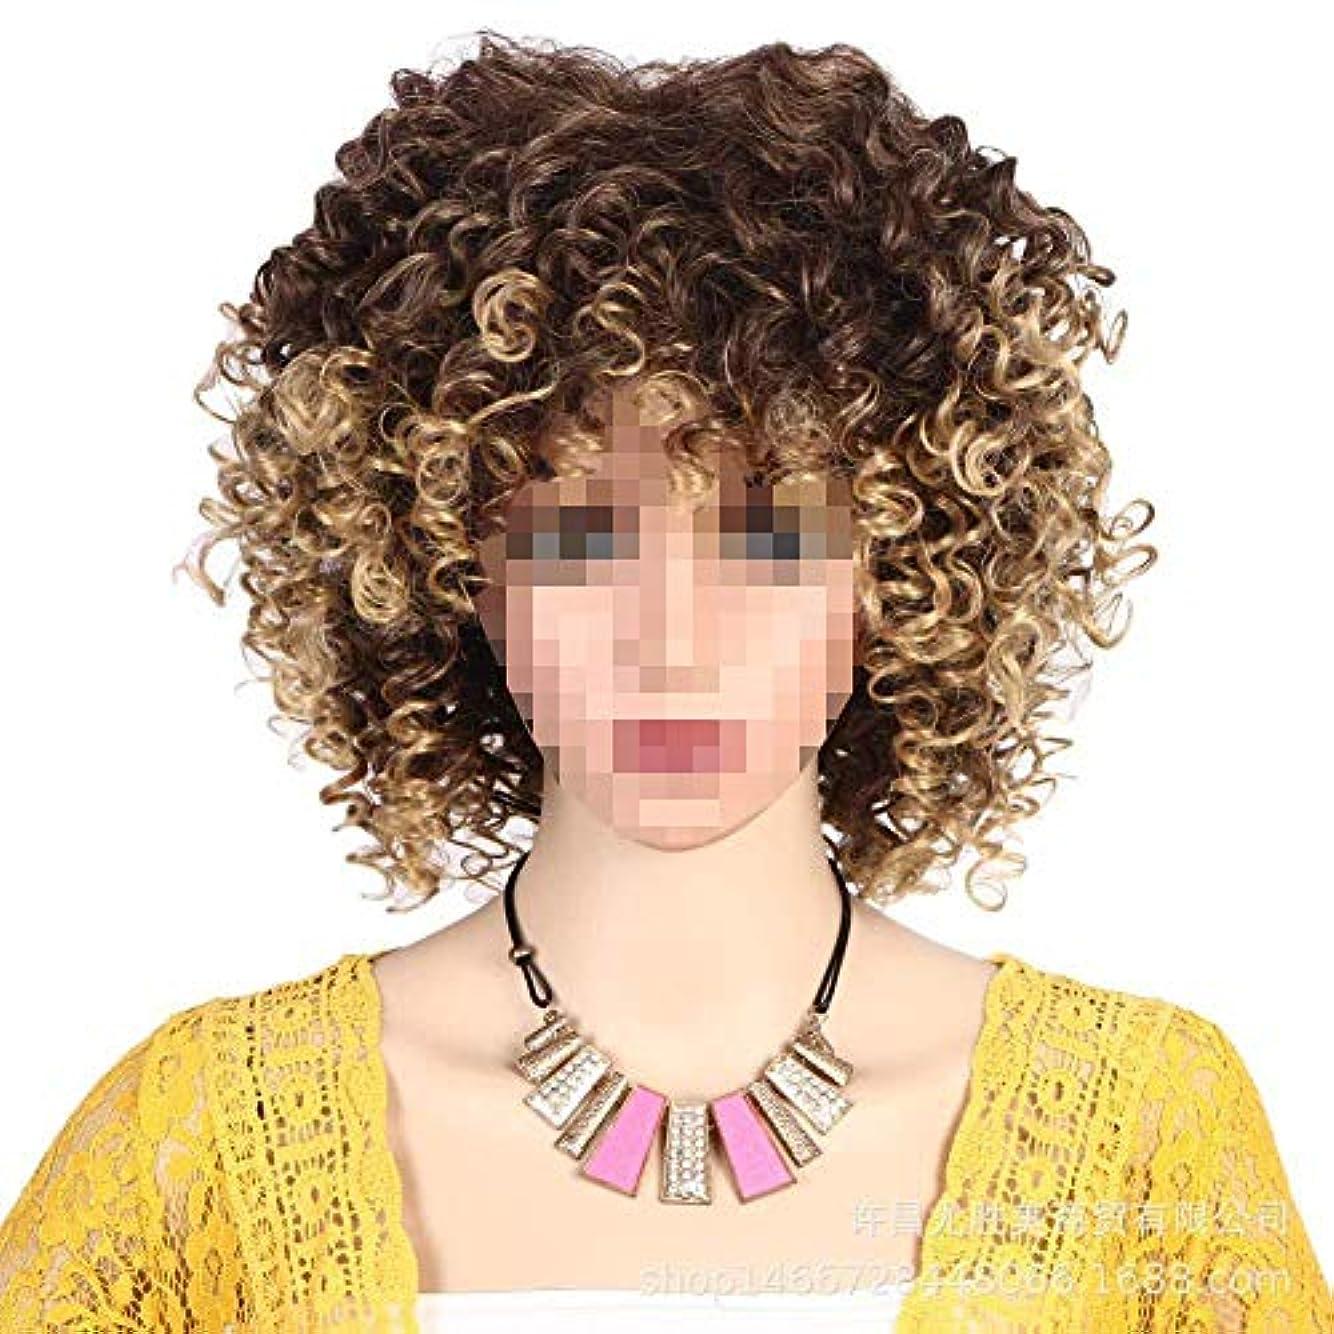 意気揚々受け入れ倒産女性のための合成ショート変態カーリーヘアウィッグ/耐熱性繊維ショルダー長さ/アフリカ系アメリカ人コスプレウィッグ用ウィッグ